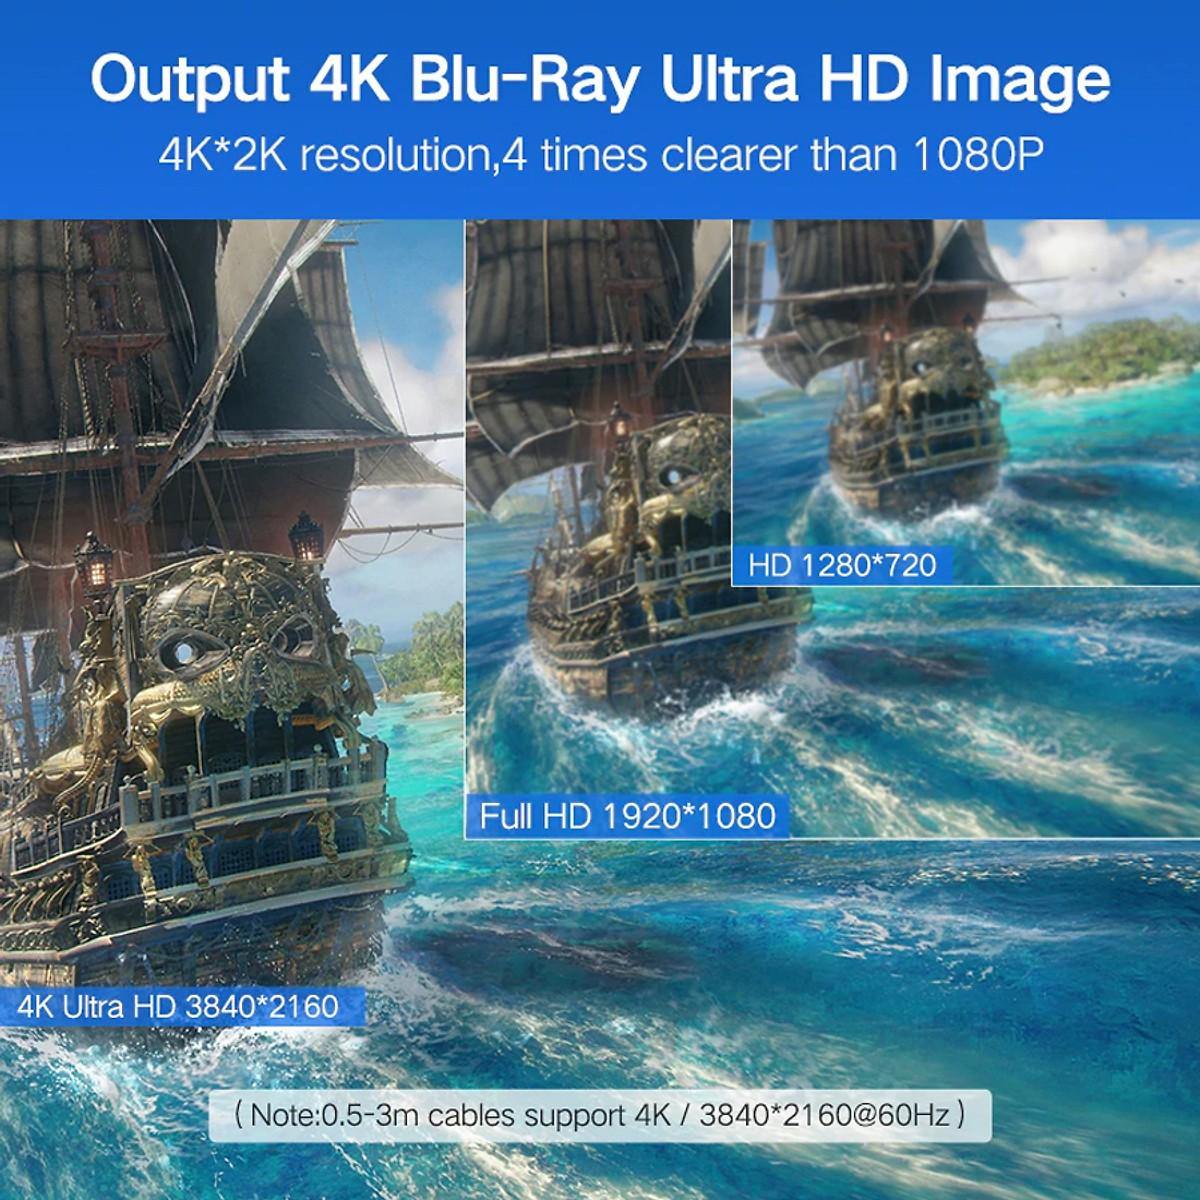 Cáp HDMI 5m Ugreen UG-10109 hỗ trợ 3D 4K HD 1080 - Chính hãng